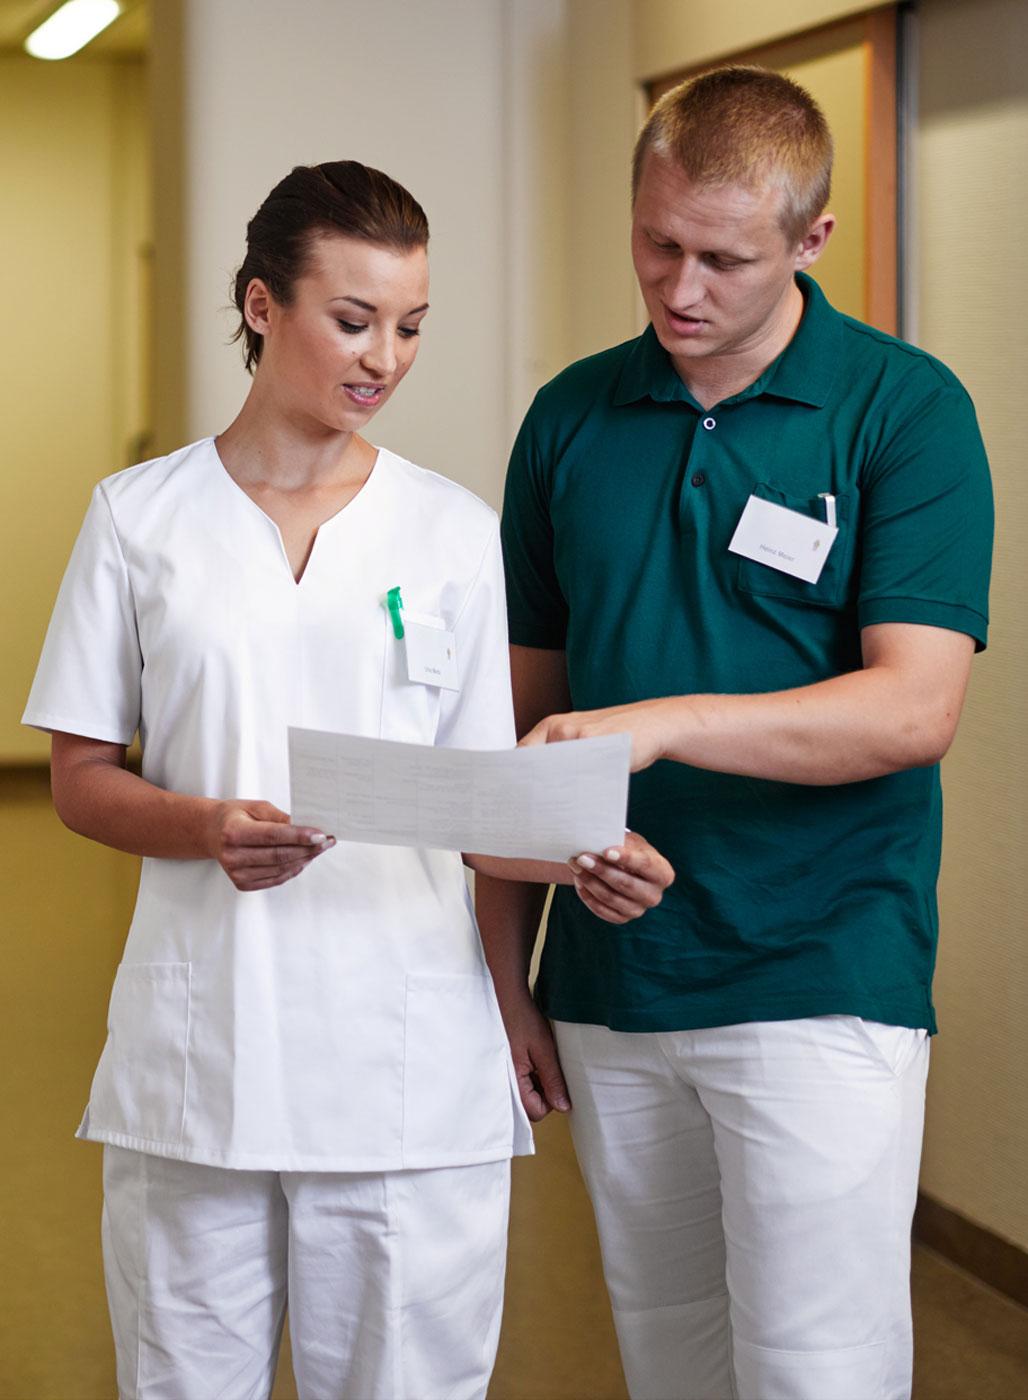 Pflegerin und Pfleger im Gespräch.